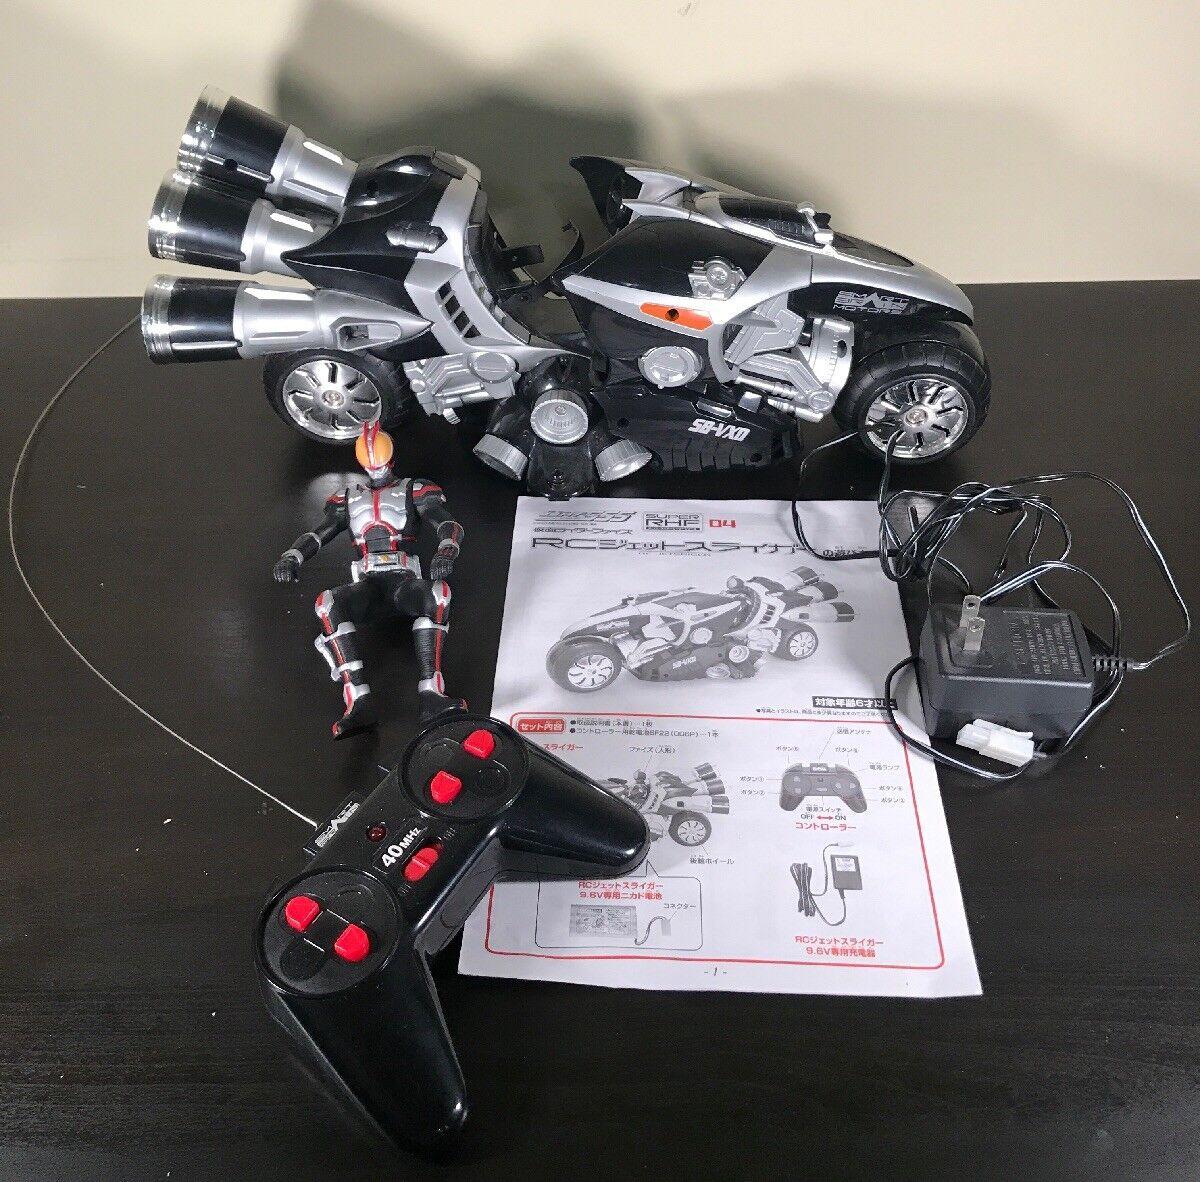 Kamen Rider Faiz Super  RHF 04 Jet Sliger - Remote Control  tutti i prodotti ottengono fino al 34% di sconto